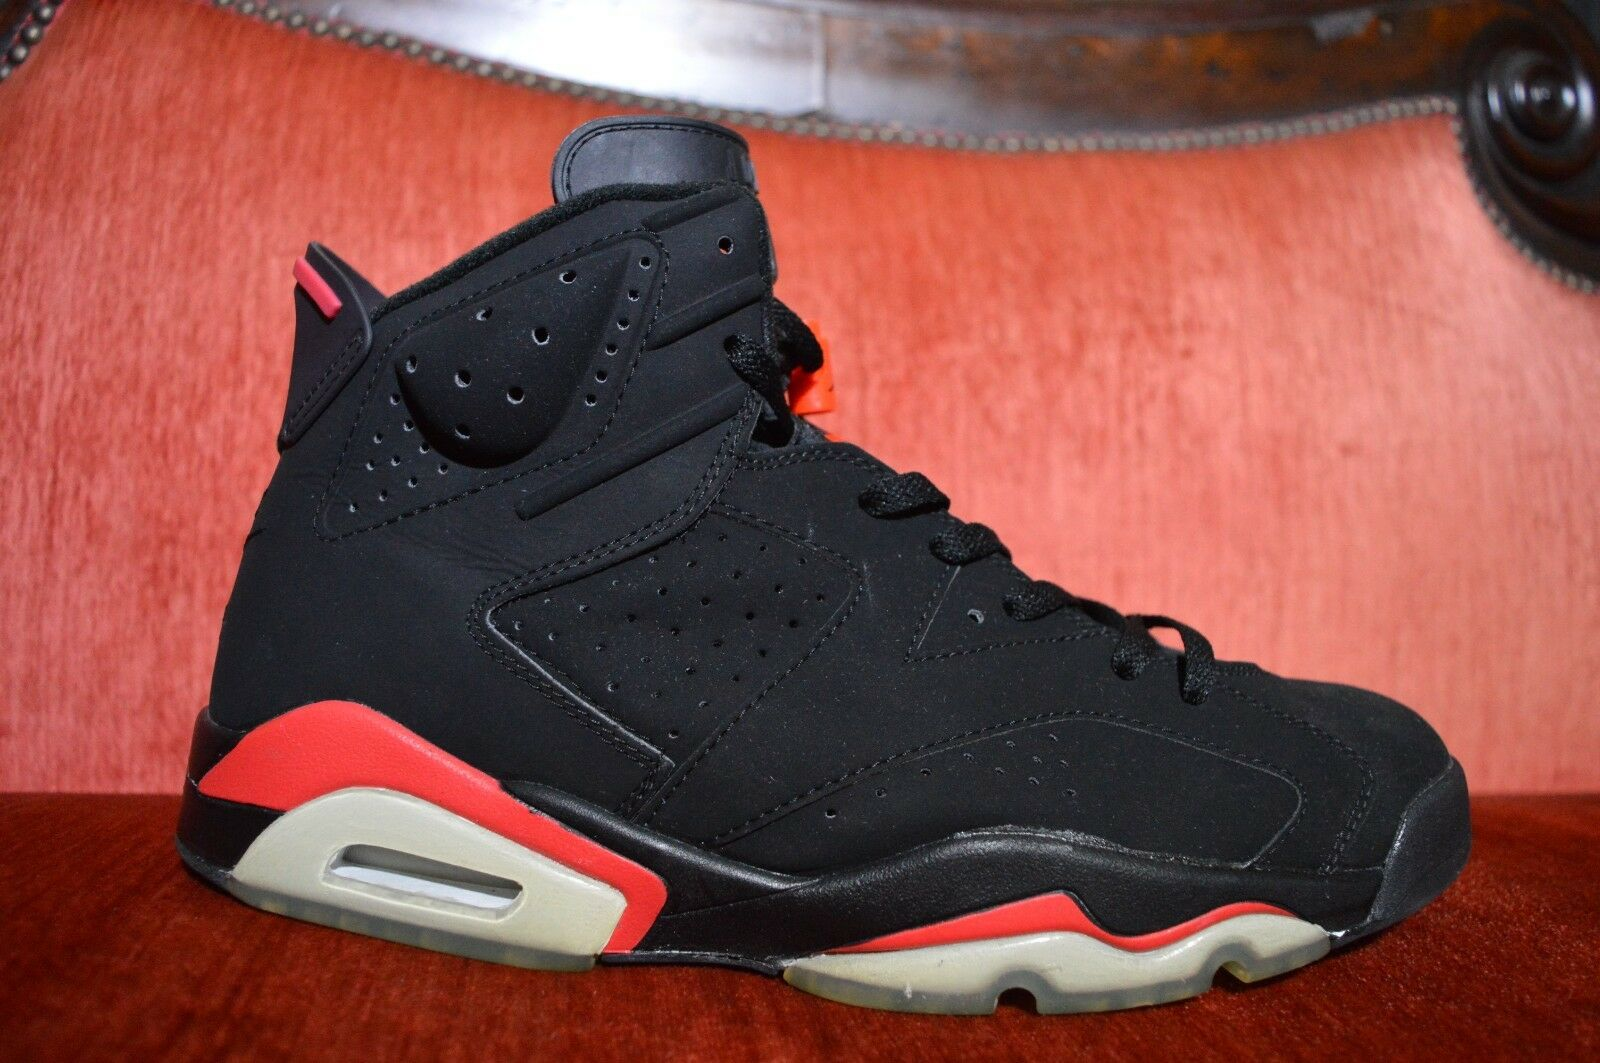 2018 Nike Air Jordan VI 6 Retro + BLACK DEEP INFRARED RED BRED 136038-061 12 Great discount